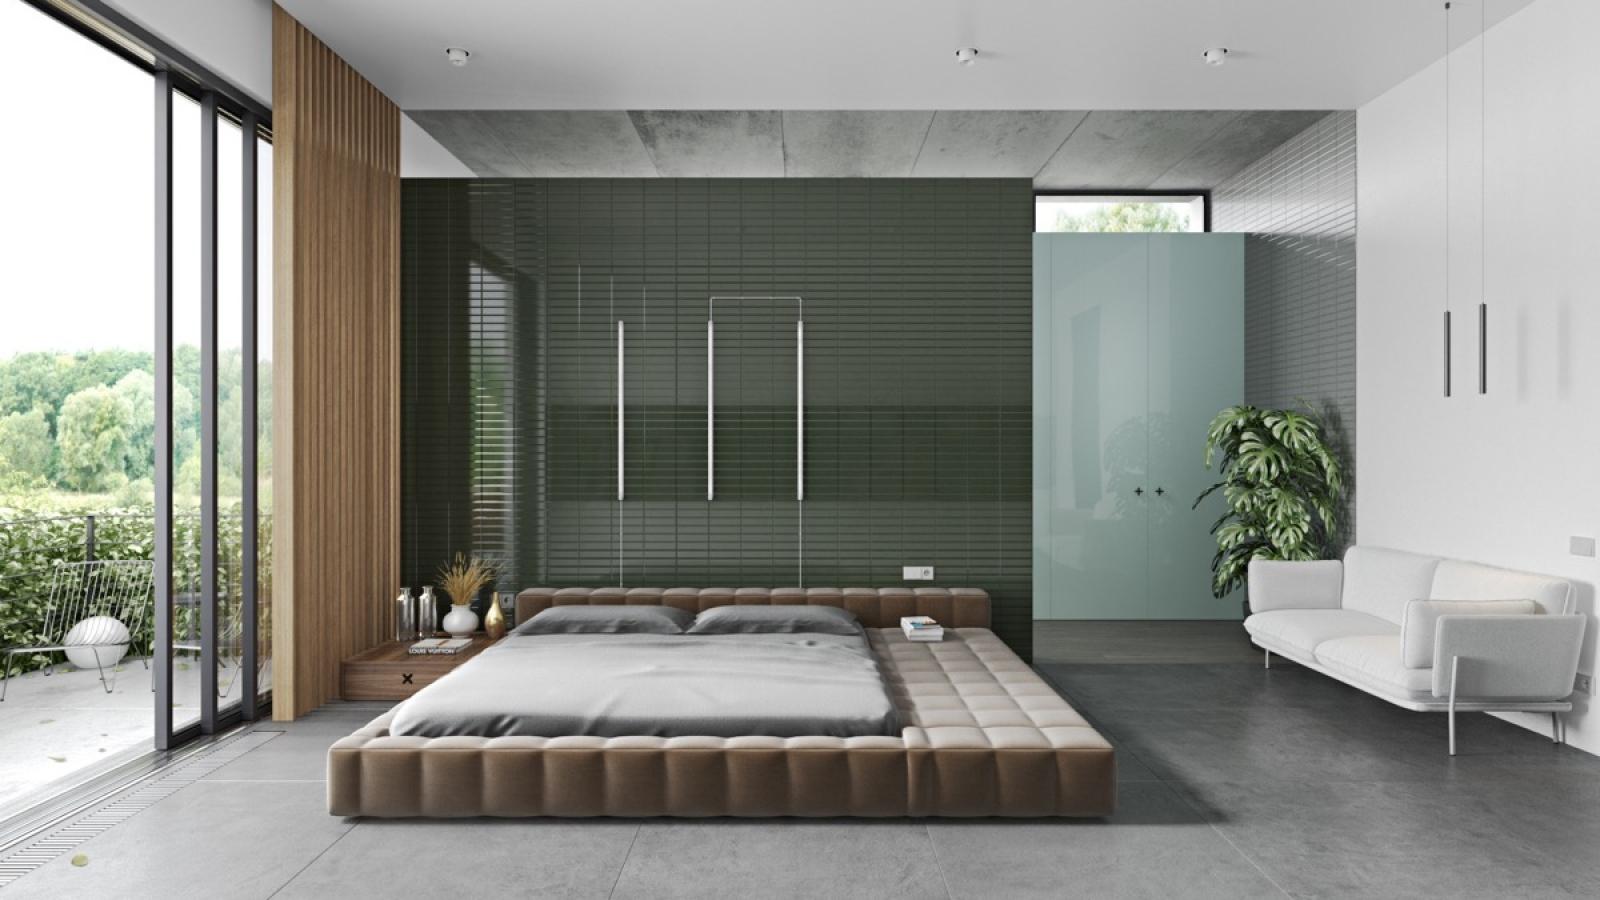 Những căn phòng ngủ đầy cảm hứng nhờ các mẹo trang trí nghệ thuật